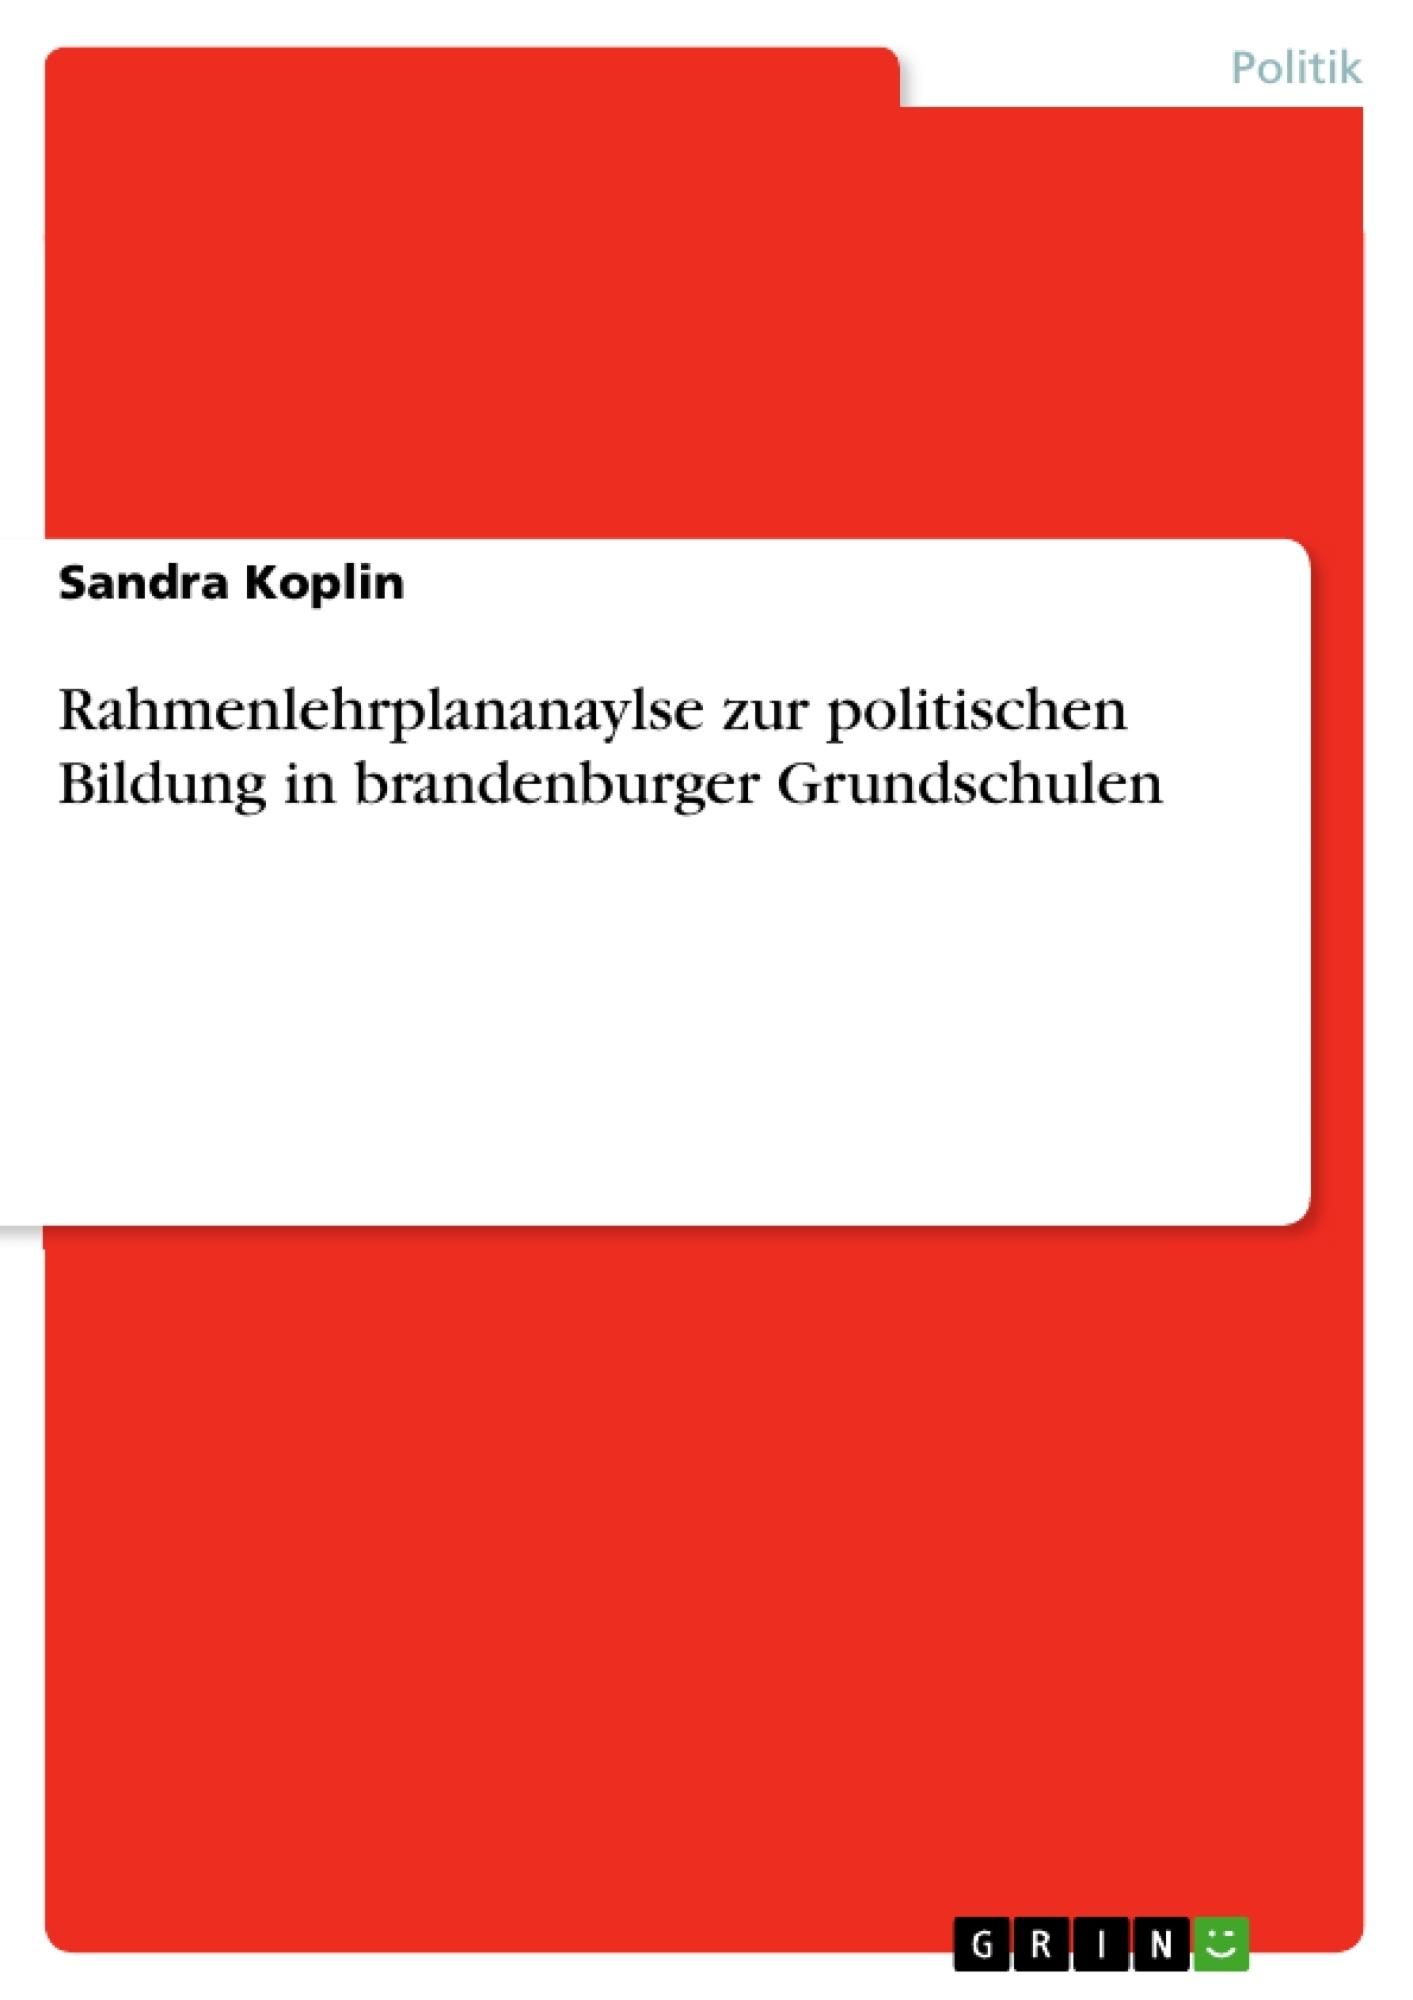 Titel: Rahmenlehrplananaylse zur politischen Bildung in brandenburger Grundschulen